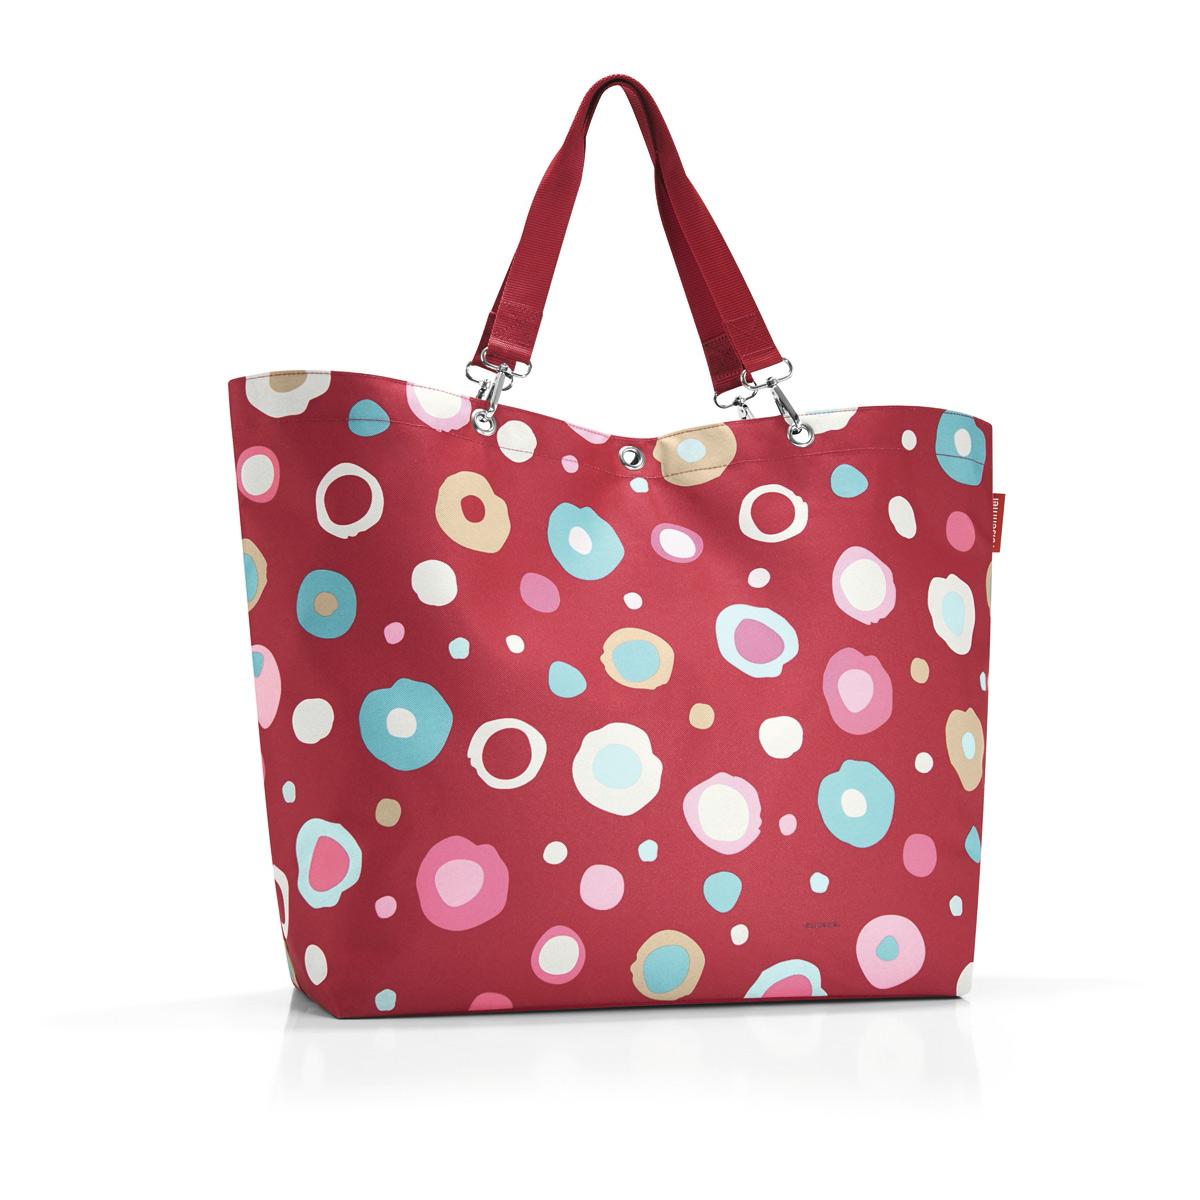 Сумка жен. Reisenthel, цвет: красный, белый. ZU3048ZU3048Отличная сумка для похода за продуктами, для путешествий и спортзала: прочные удобные лямки на карабинах распряделяют нагрузку на плечо, а объем 35 литров позволяет вместить всё нужное и даже чуть больше. Застегивается на молнию. Внутри - кармашек на молнии для мелочей и карман для мобильного телефона.